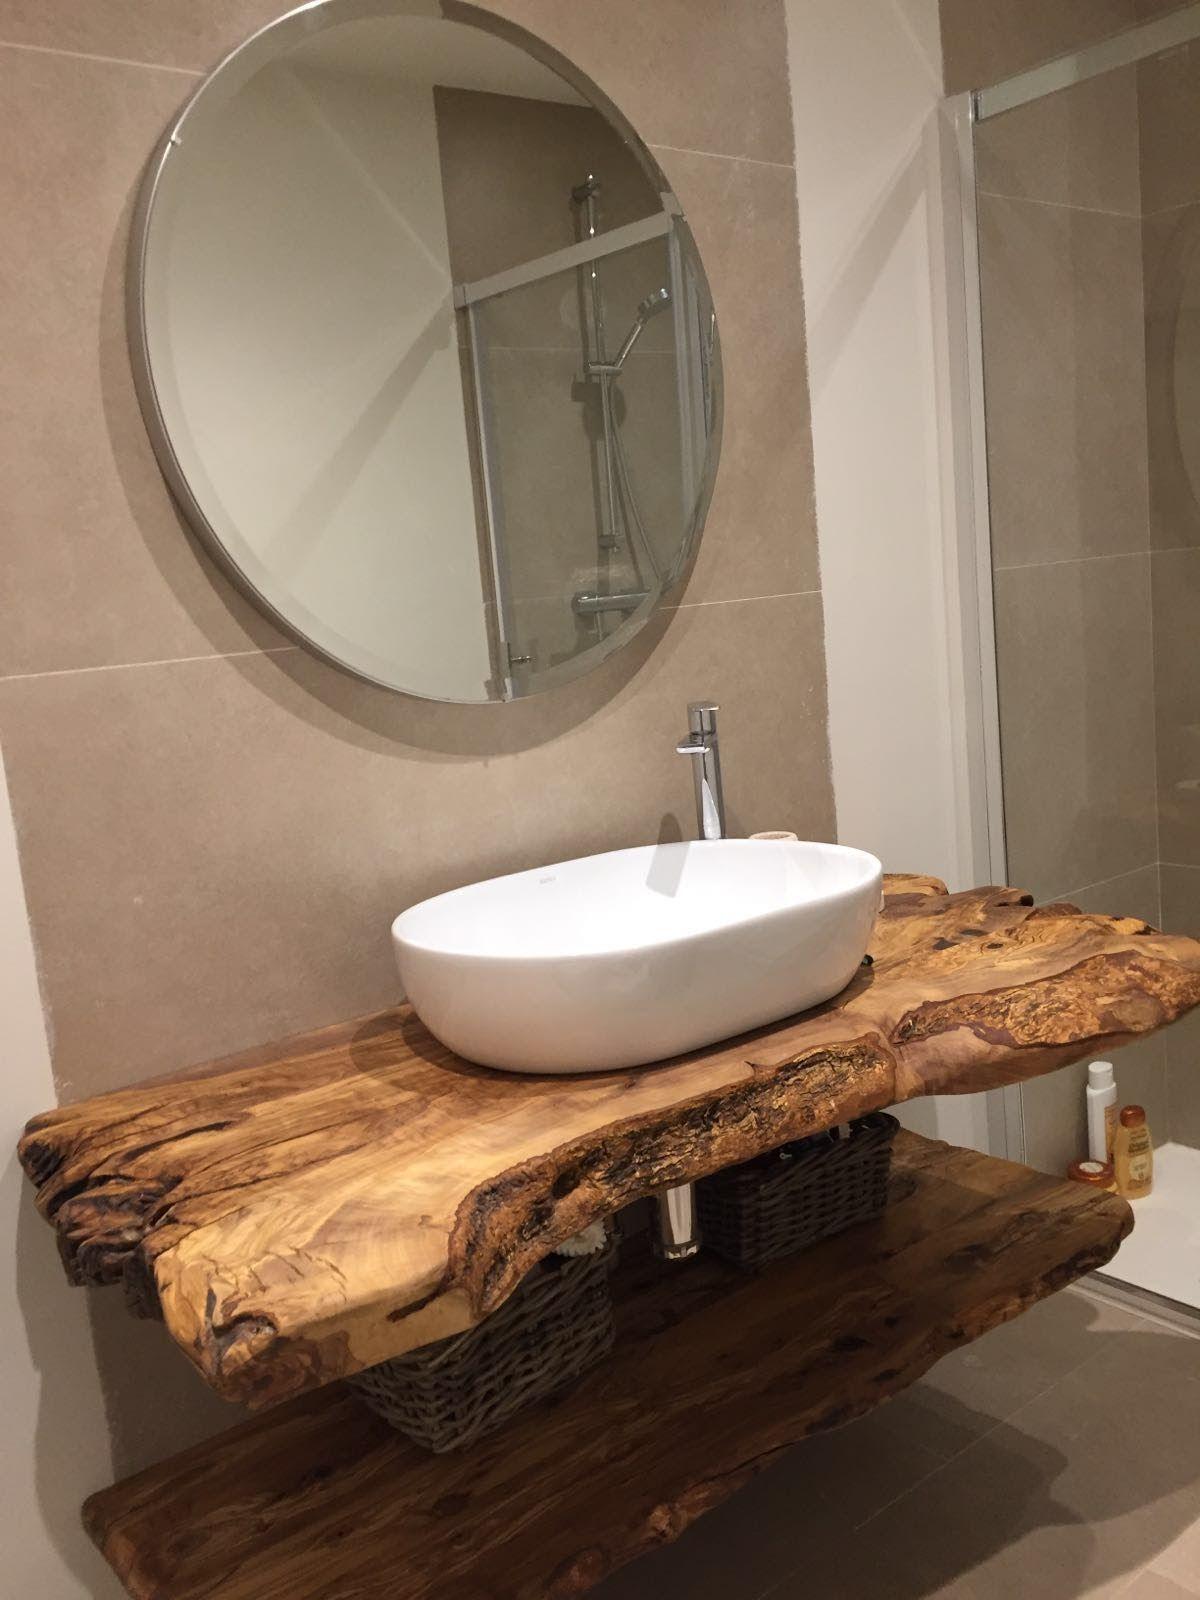 encimera de bao de madera de olivo  Bao  Pinterest